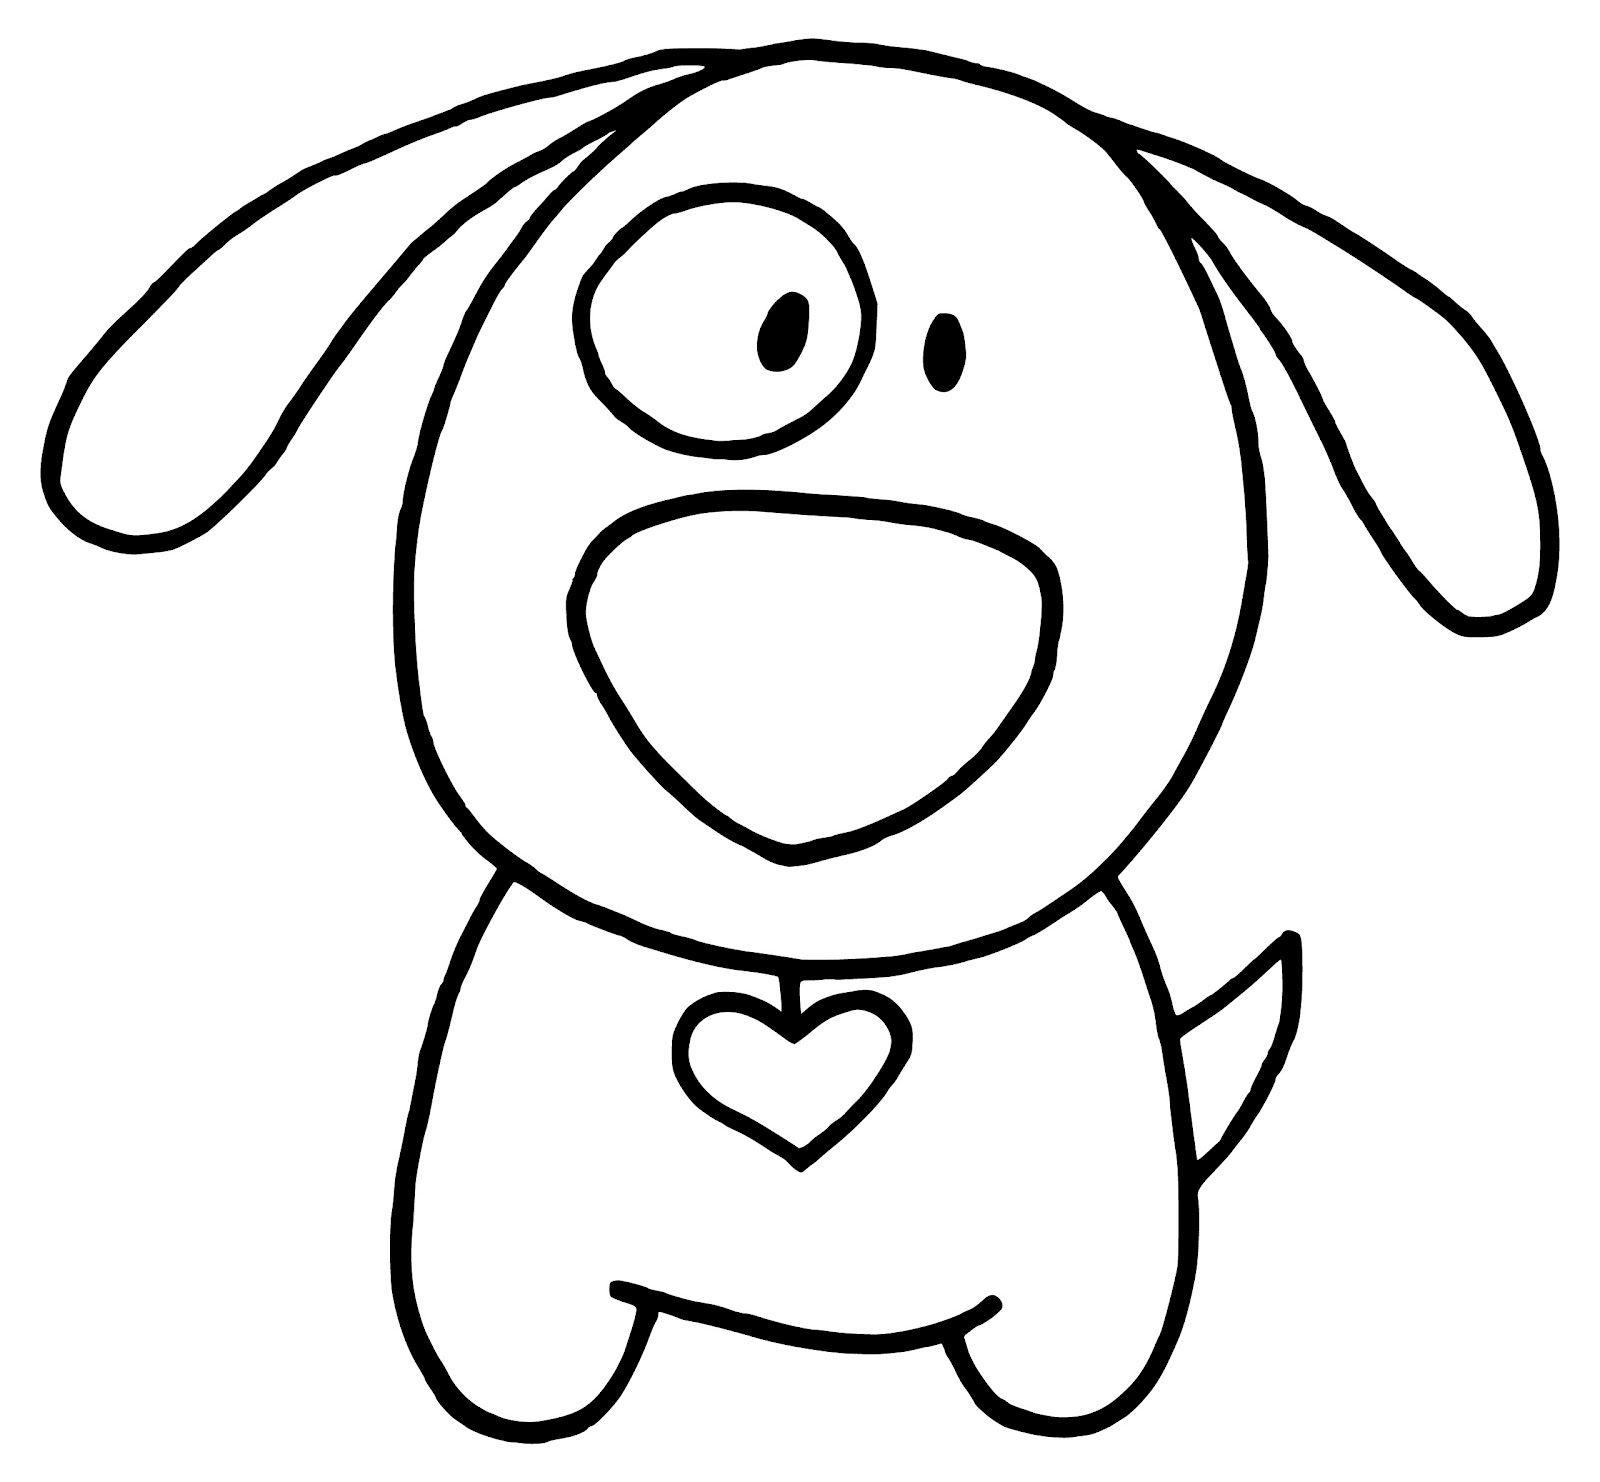 Dibujo De Perro Dibujos Faciles Dibujos Para Colorear Faciles Y